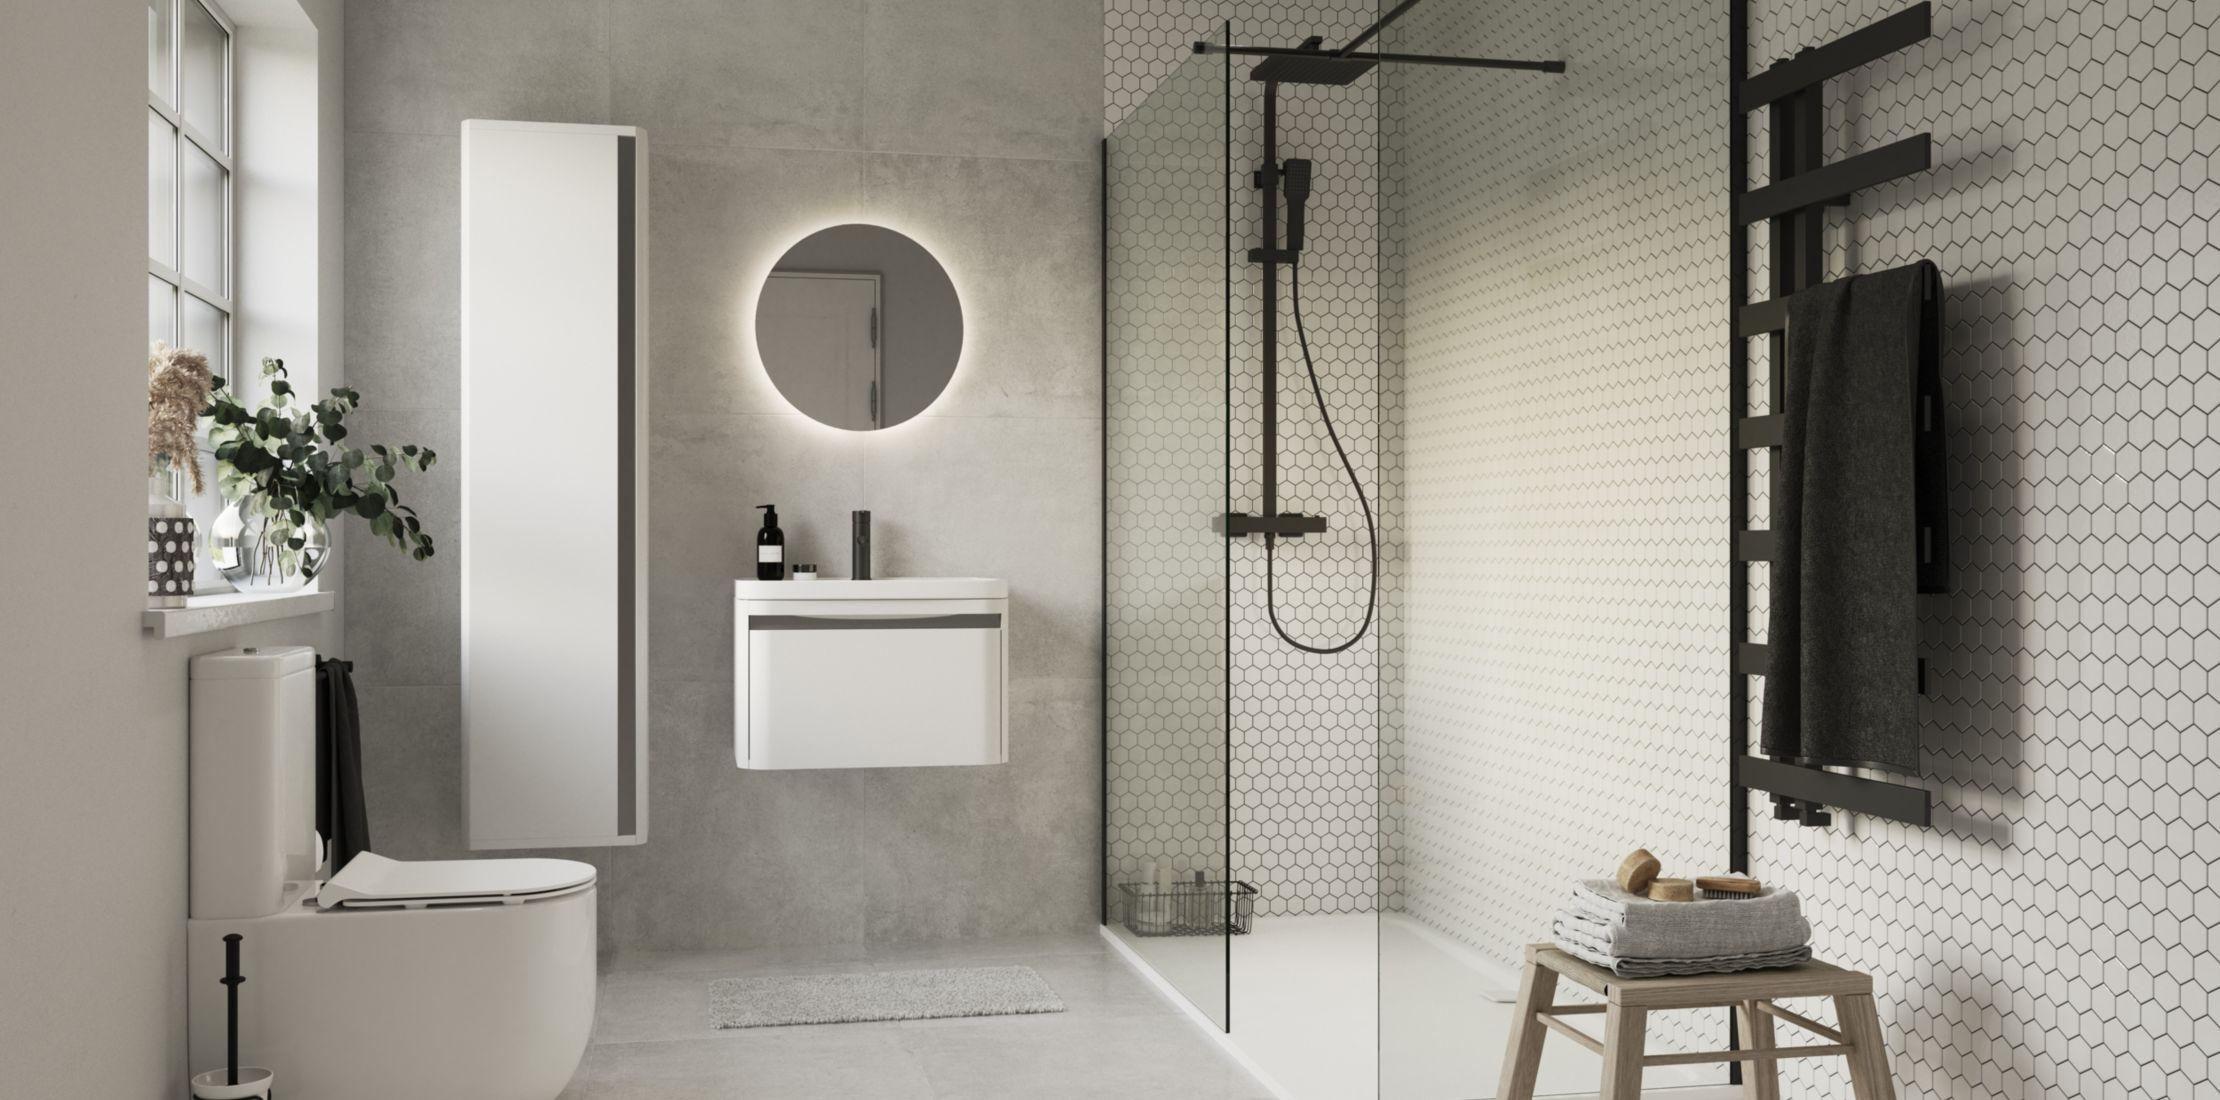 Wickes Bathrooms